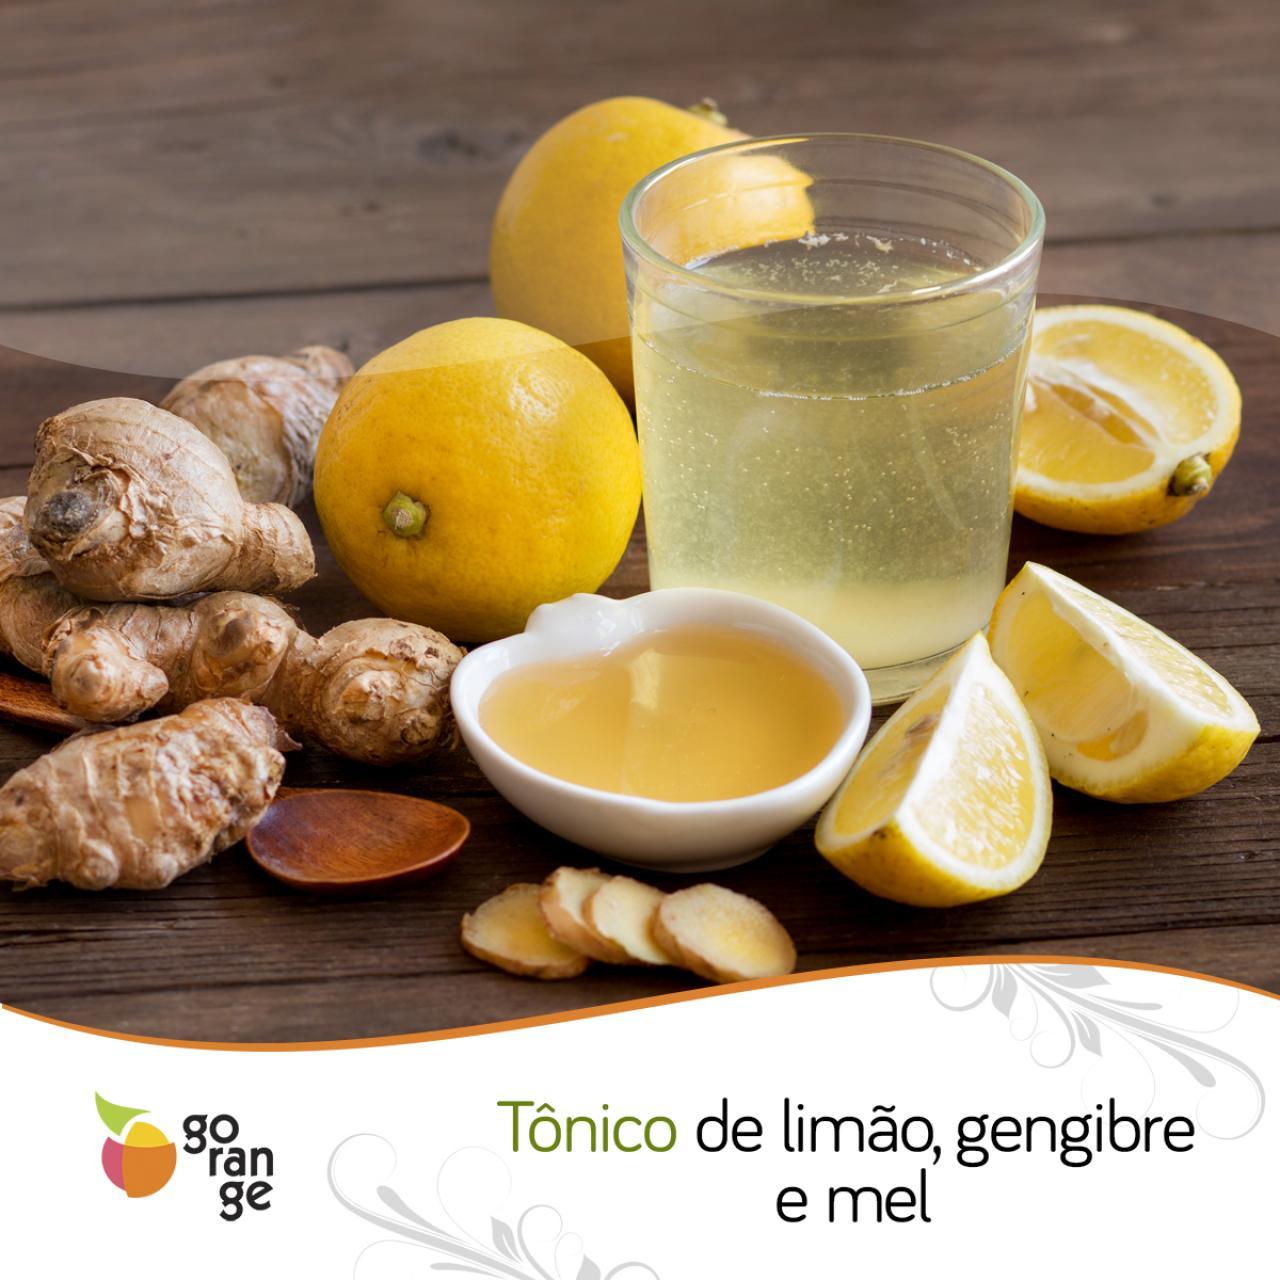 Tônico de limão, gengibre e mel